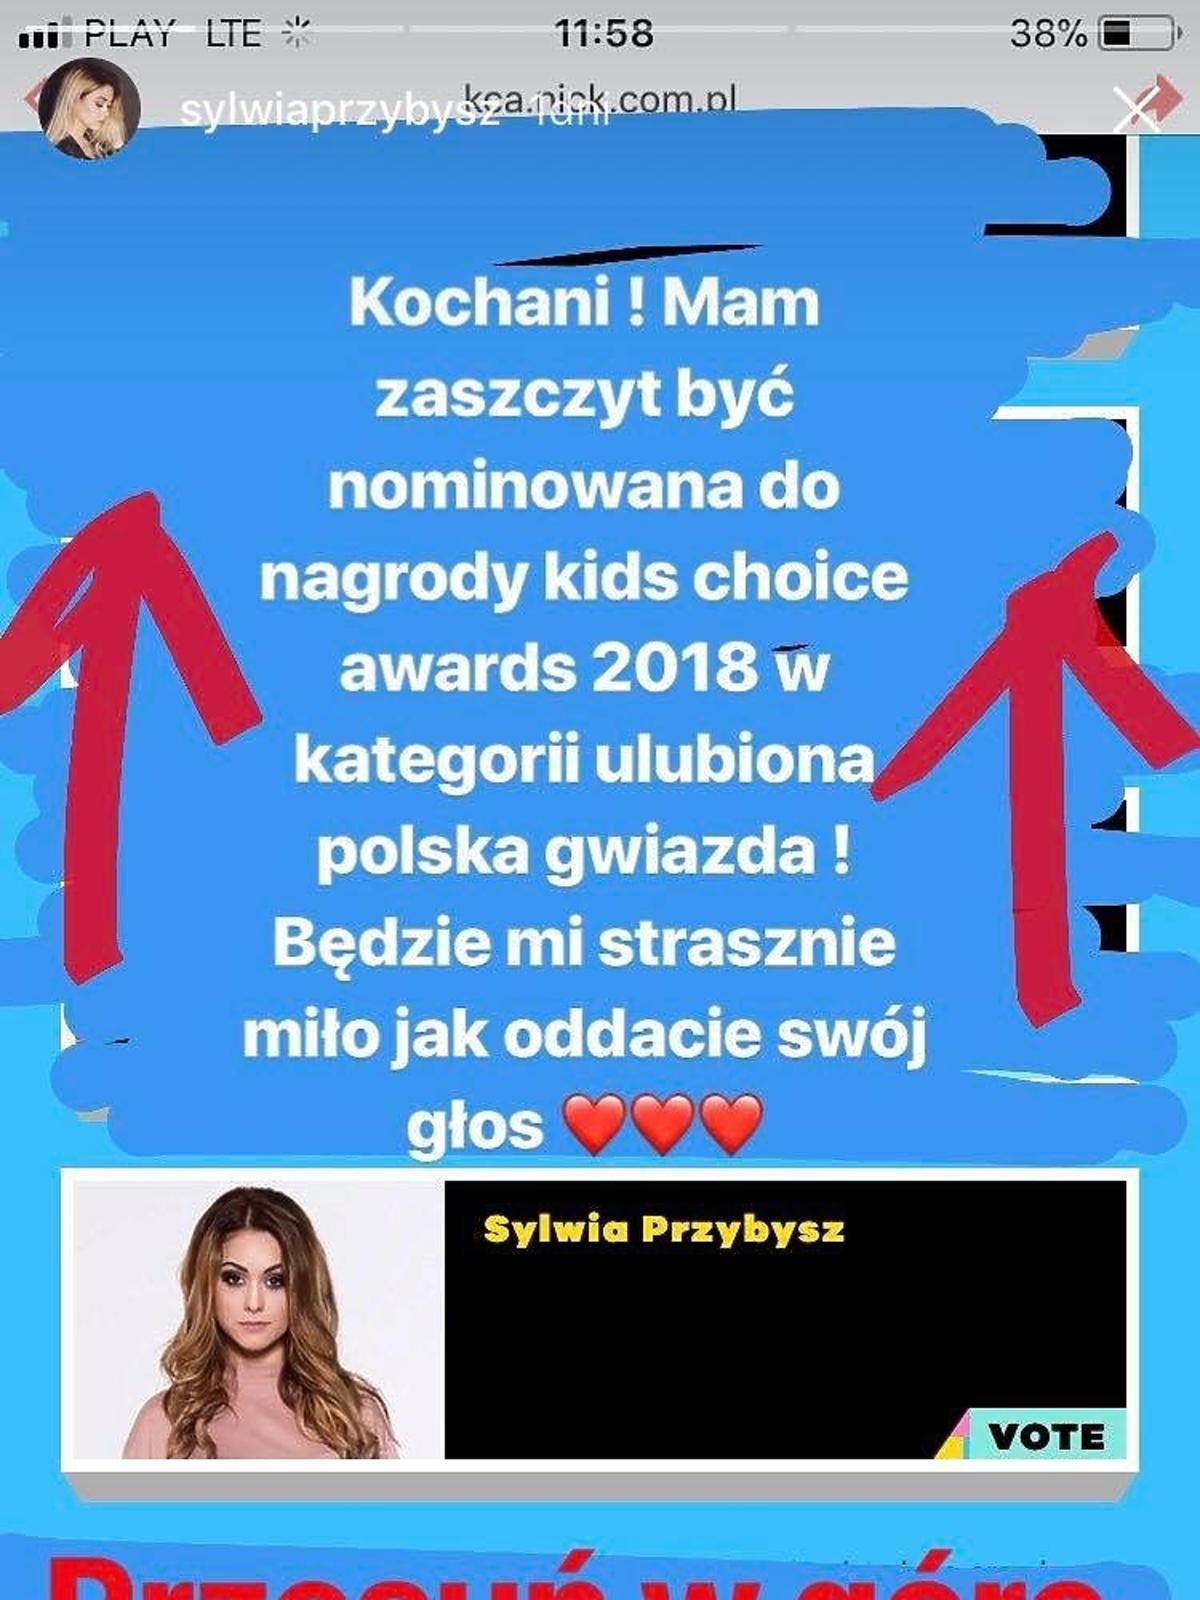 Sylwia Przybysz